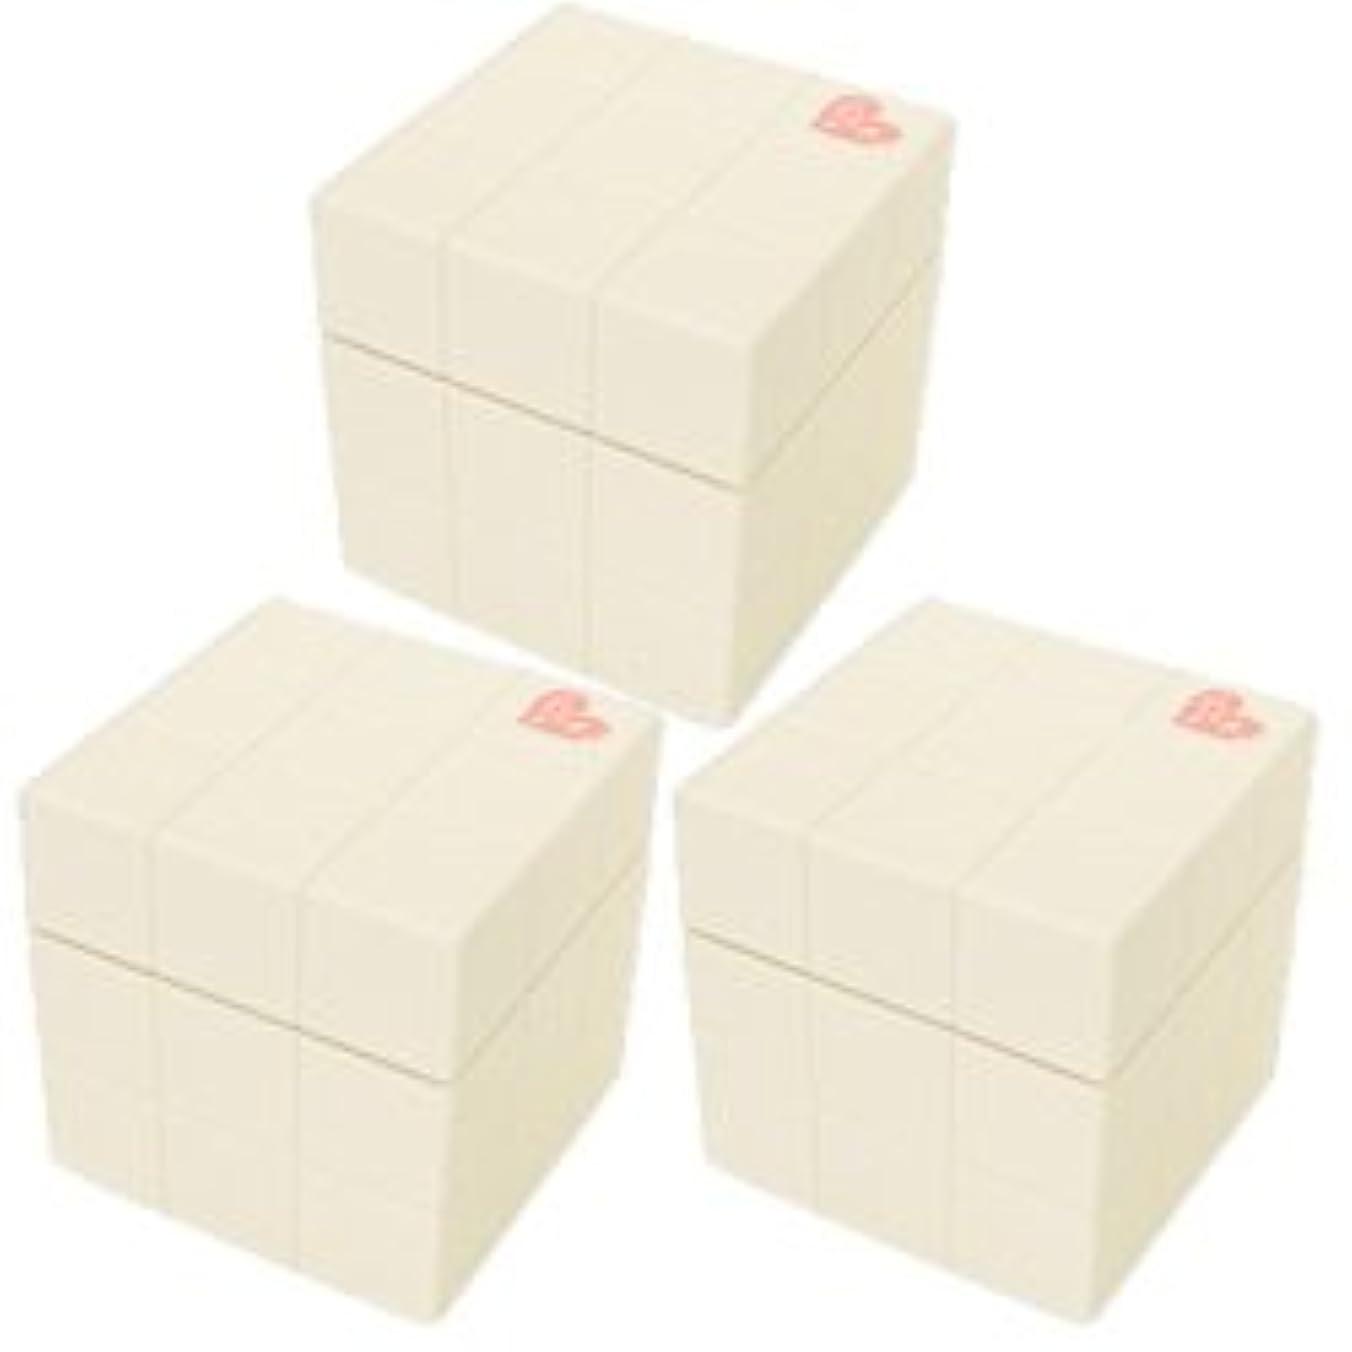 保護する三角かごアリミノ ピース ニュアンスワックス80g(バニラ)3個セット